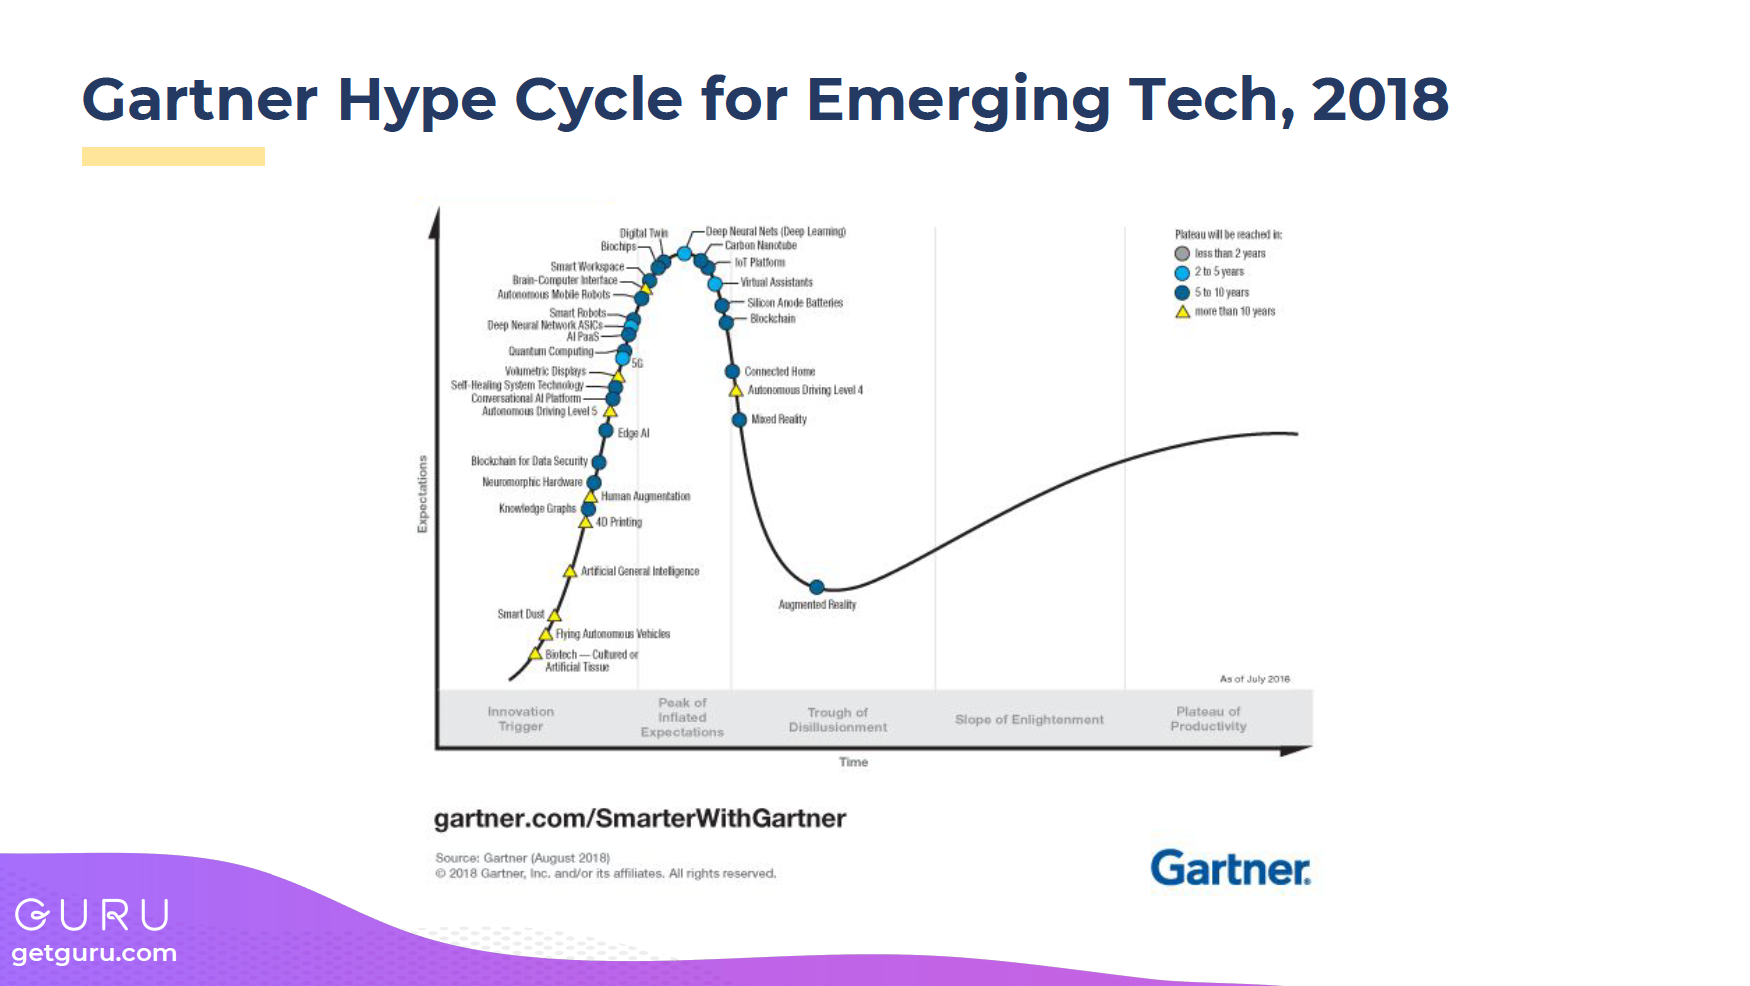 Gartner Hype Cycle 2018